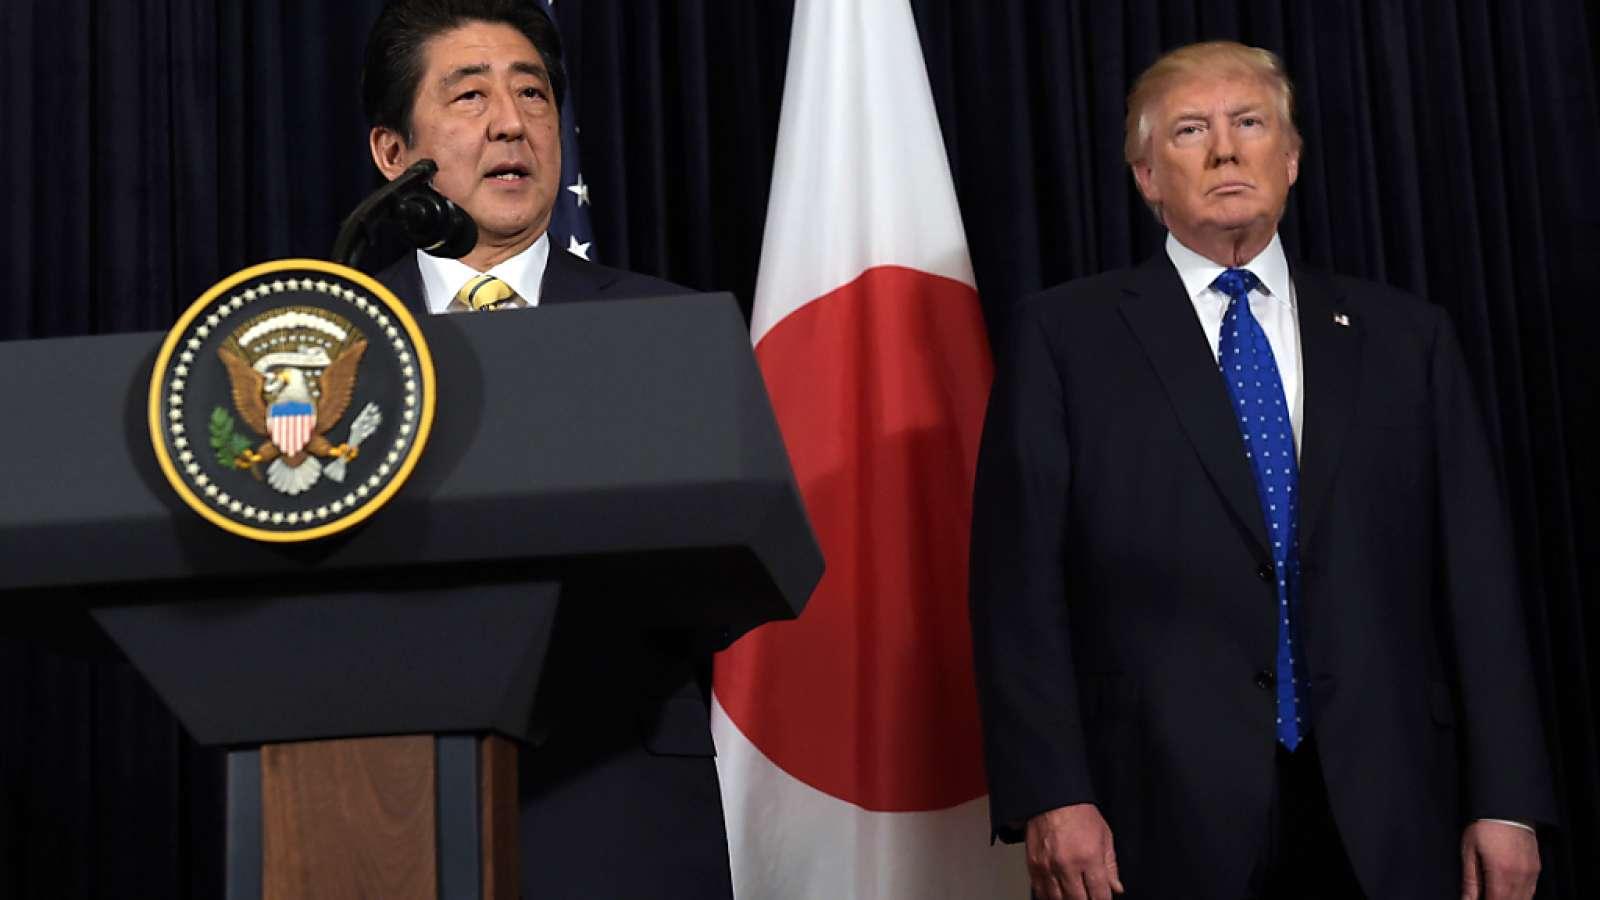 Der japanische Regierungschef Shinzo Abe und US-Präsident Donald Trump reagieren in Florida auf die Meldung, dass Nordkorea eine Rakete getestet hat.